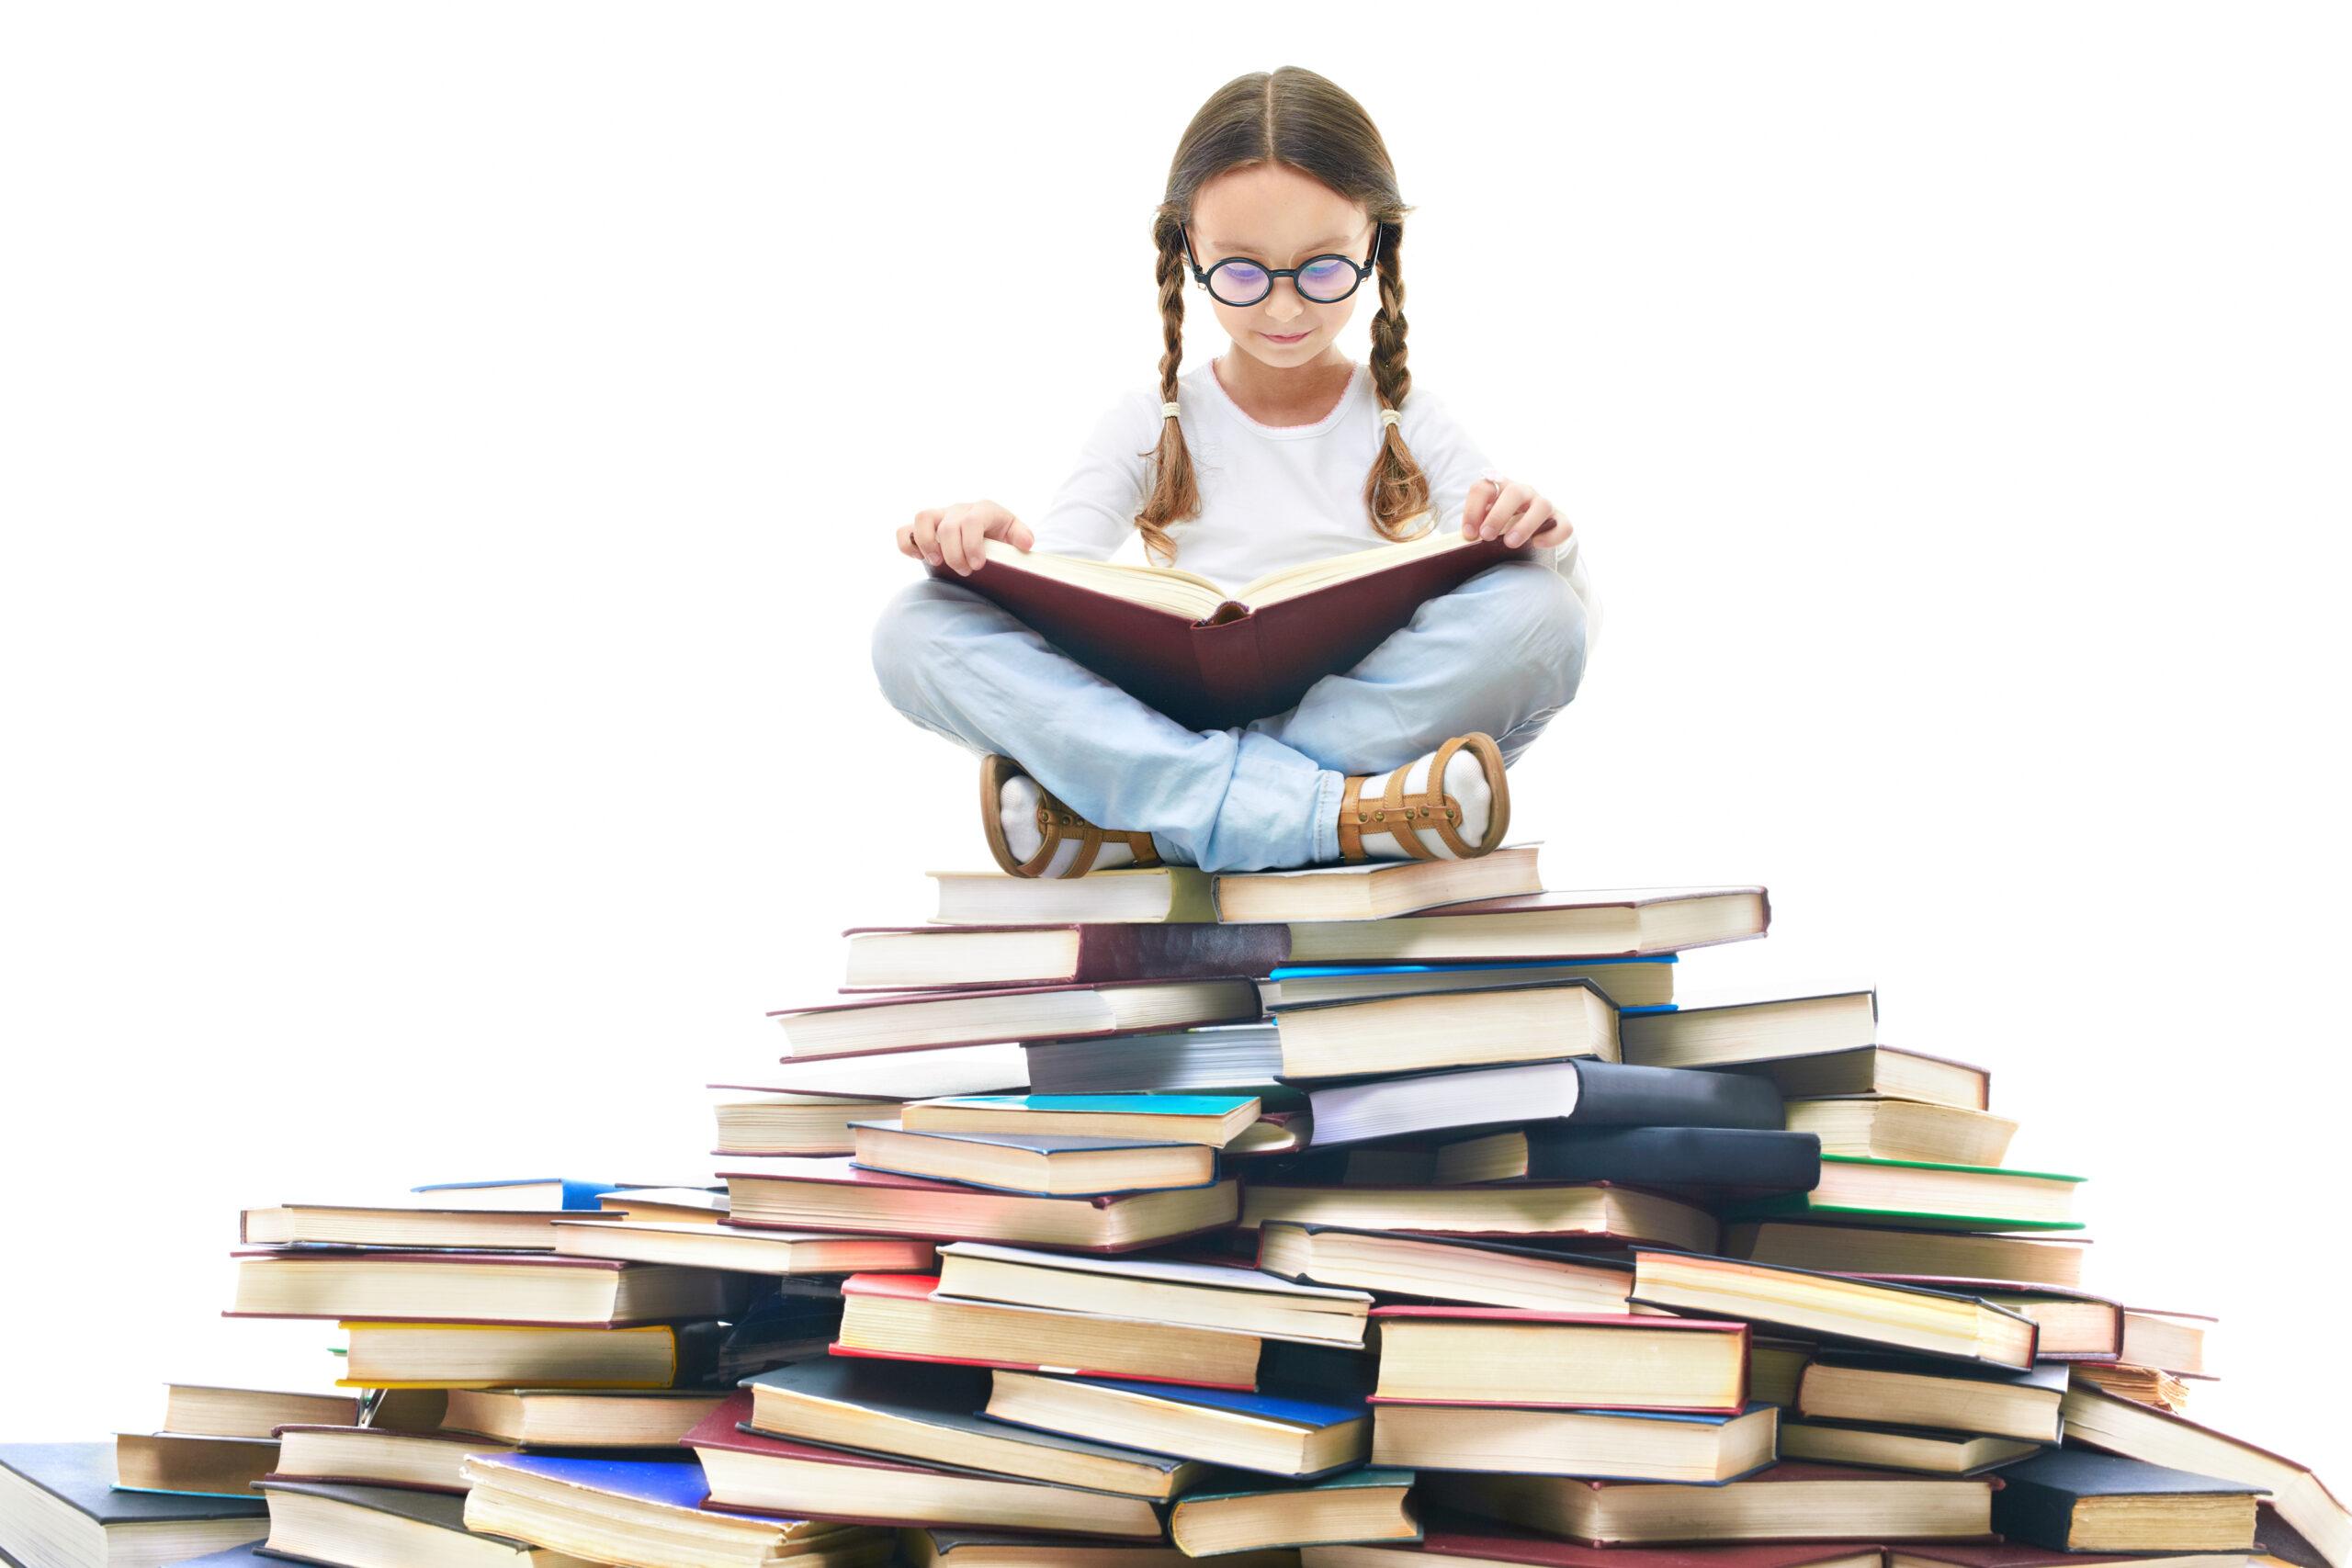 教育/勉強